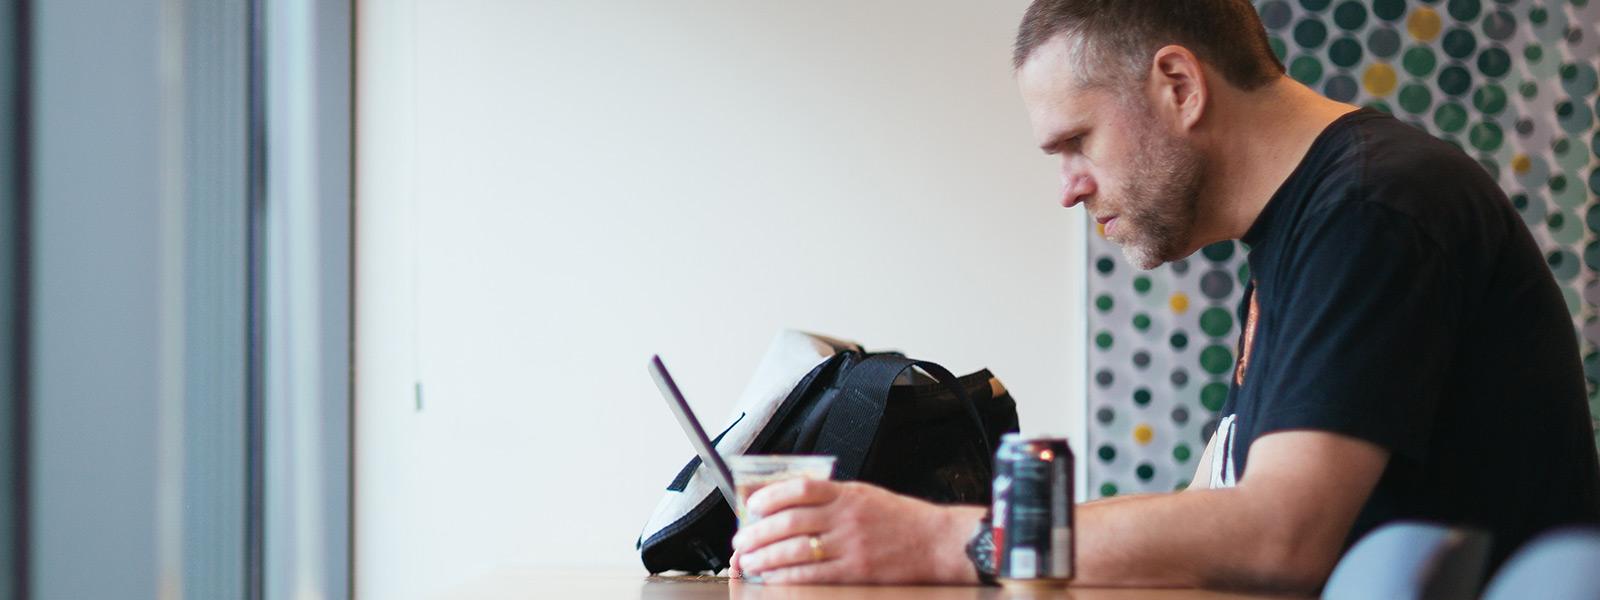 Un homme assis à un bureau et travaillant sur son ordinateur Windows10